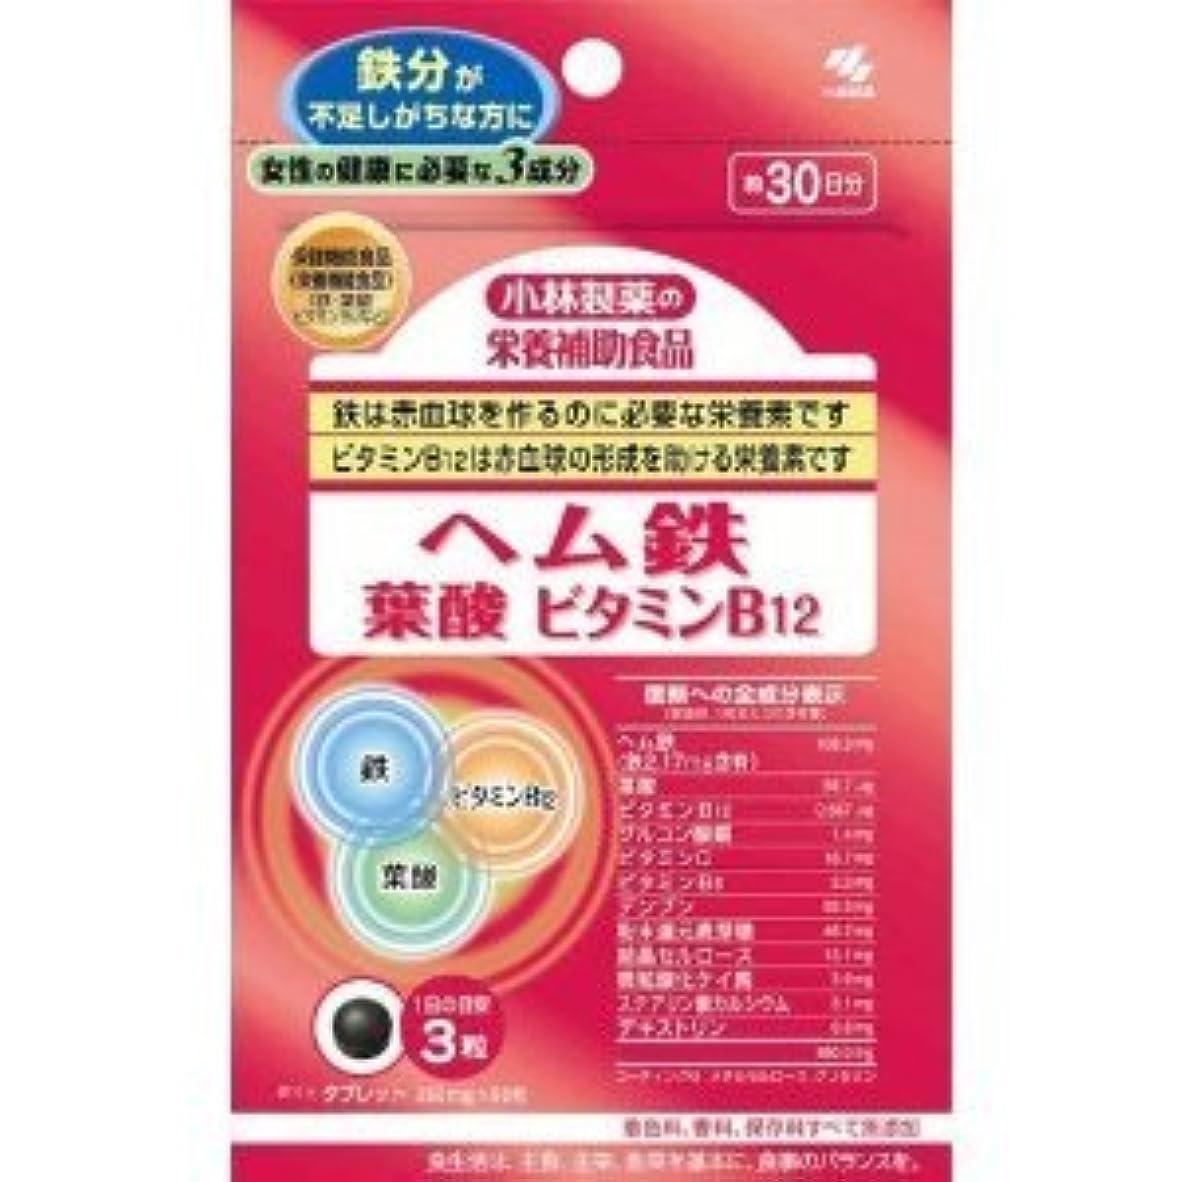 加速する口実メタリック小林製薬の栄養補助食品ヘム鉄葉酸ビタミンB12(90粒)×4個セット